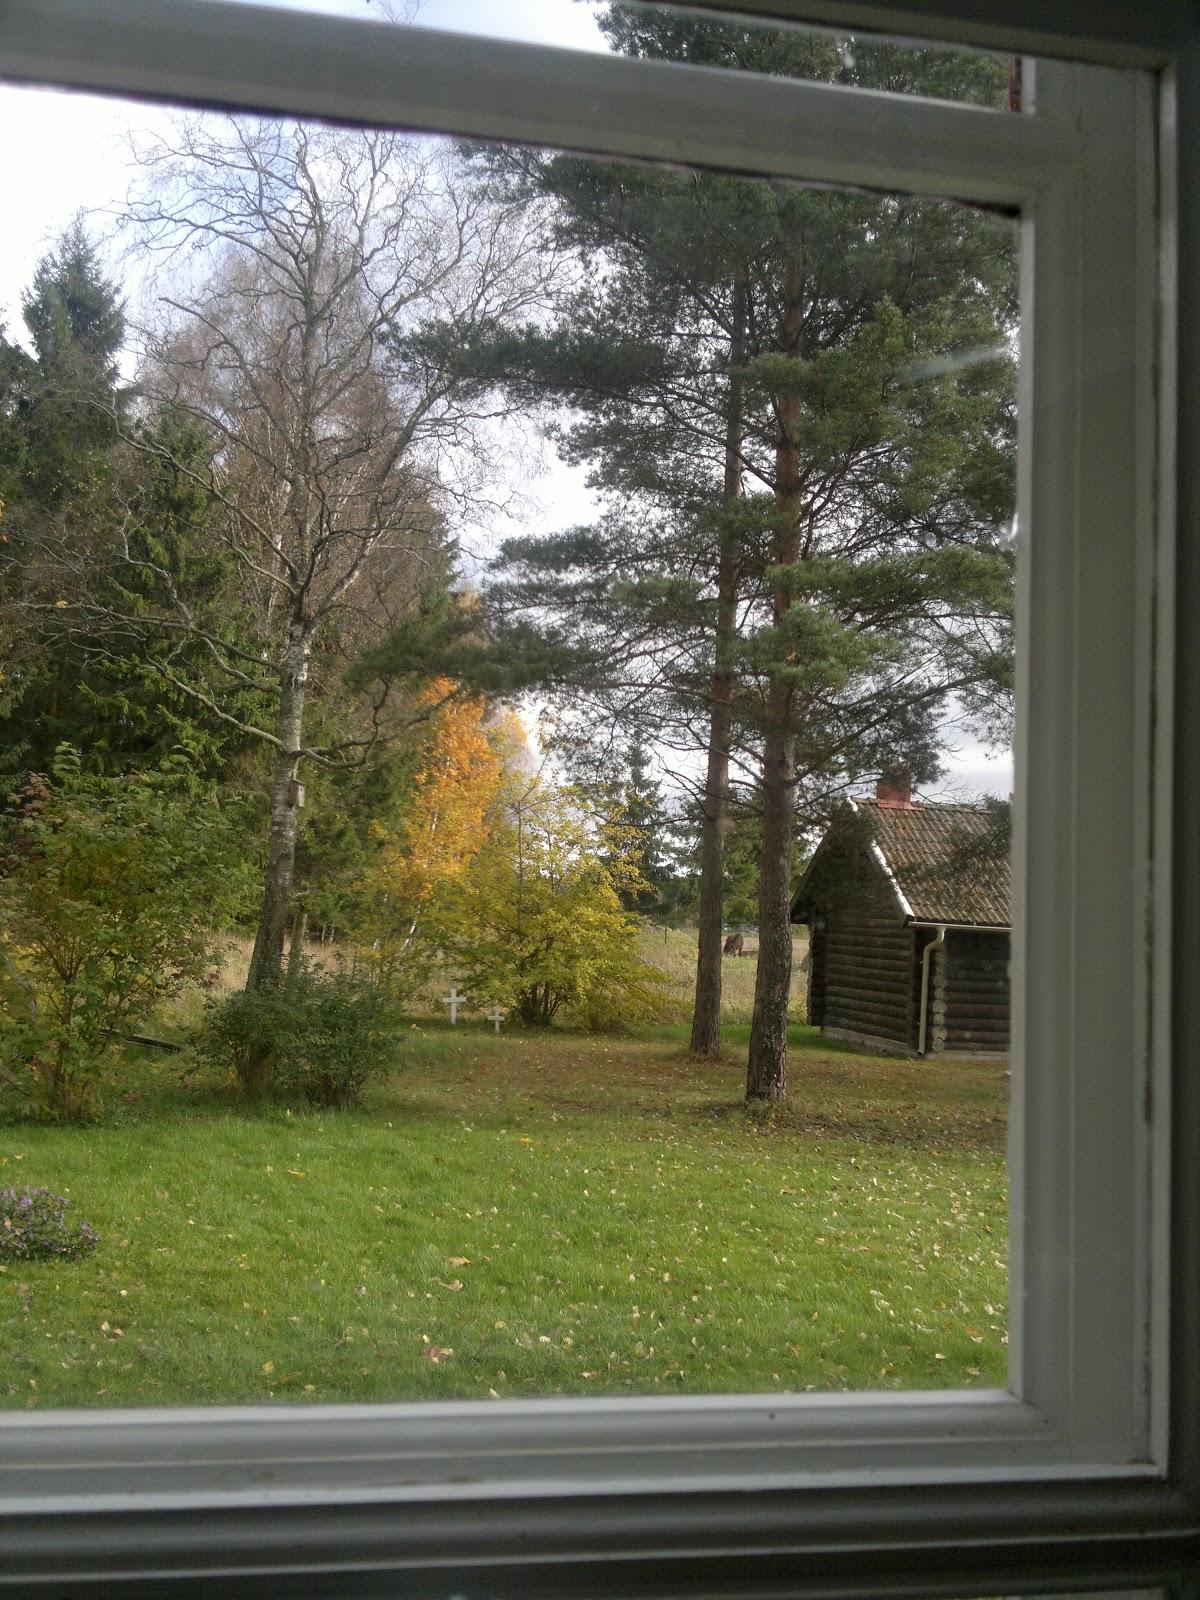 Åsselsta Grön Rehab Västmanland: oktober 2012